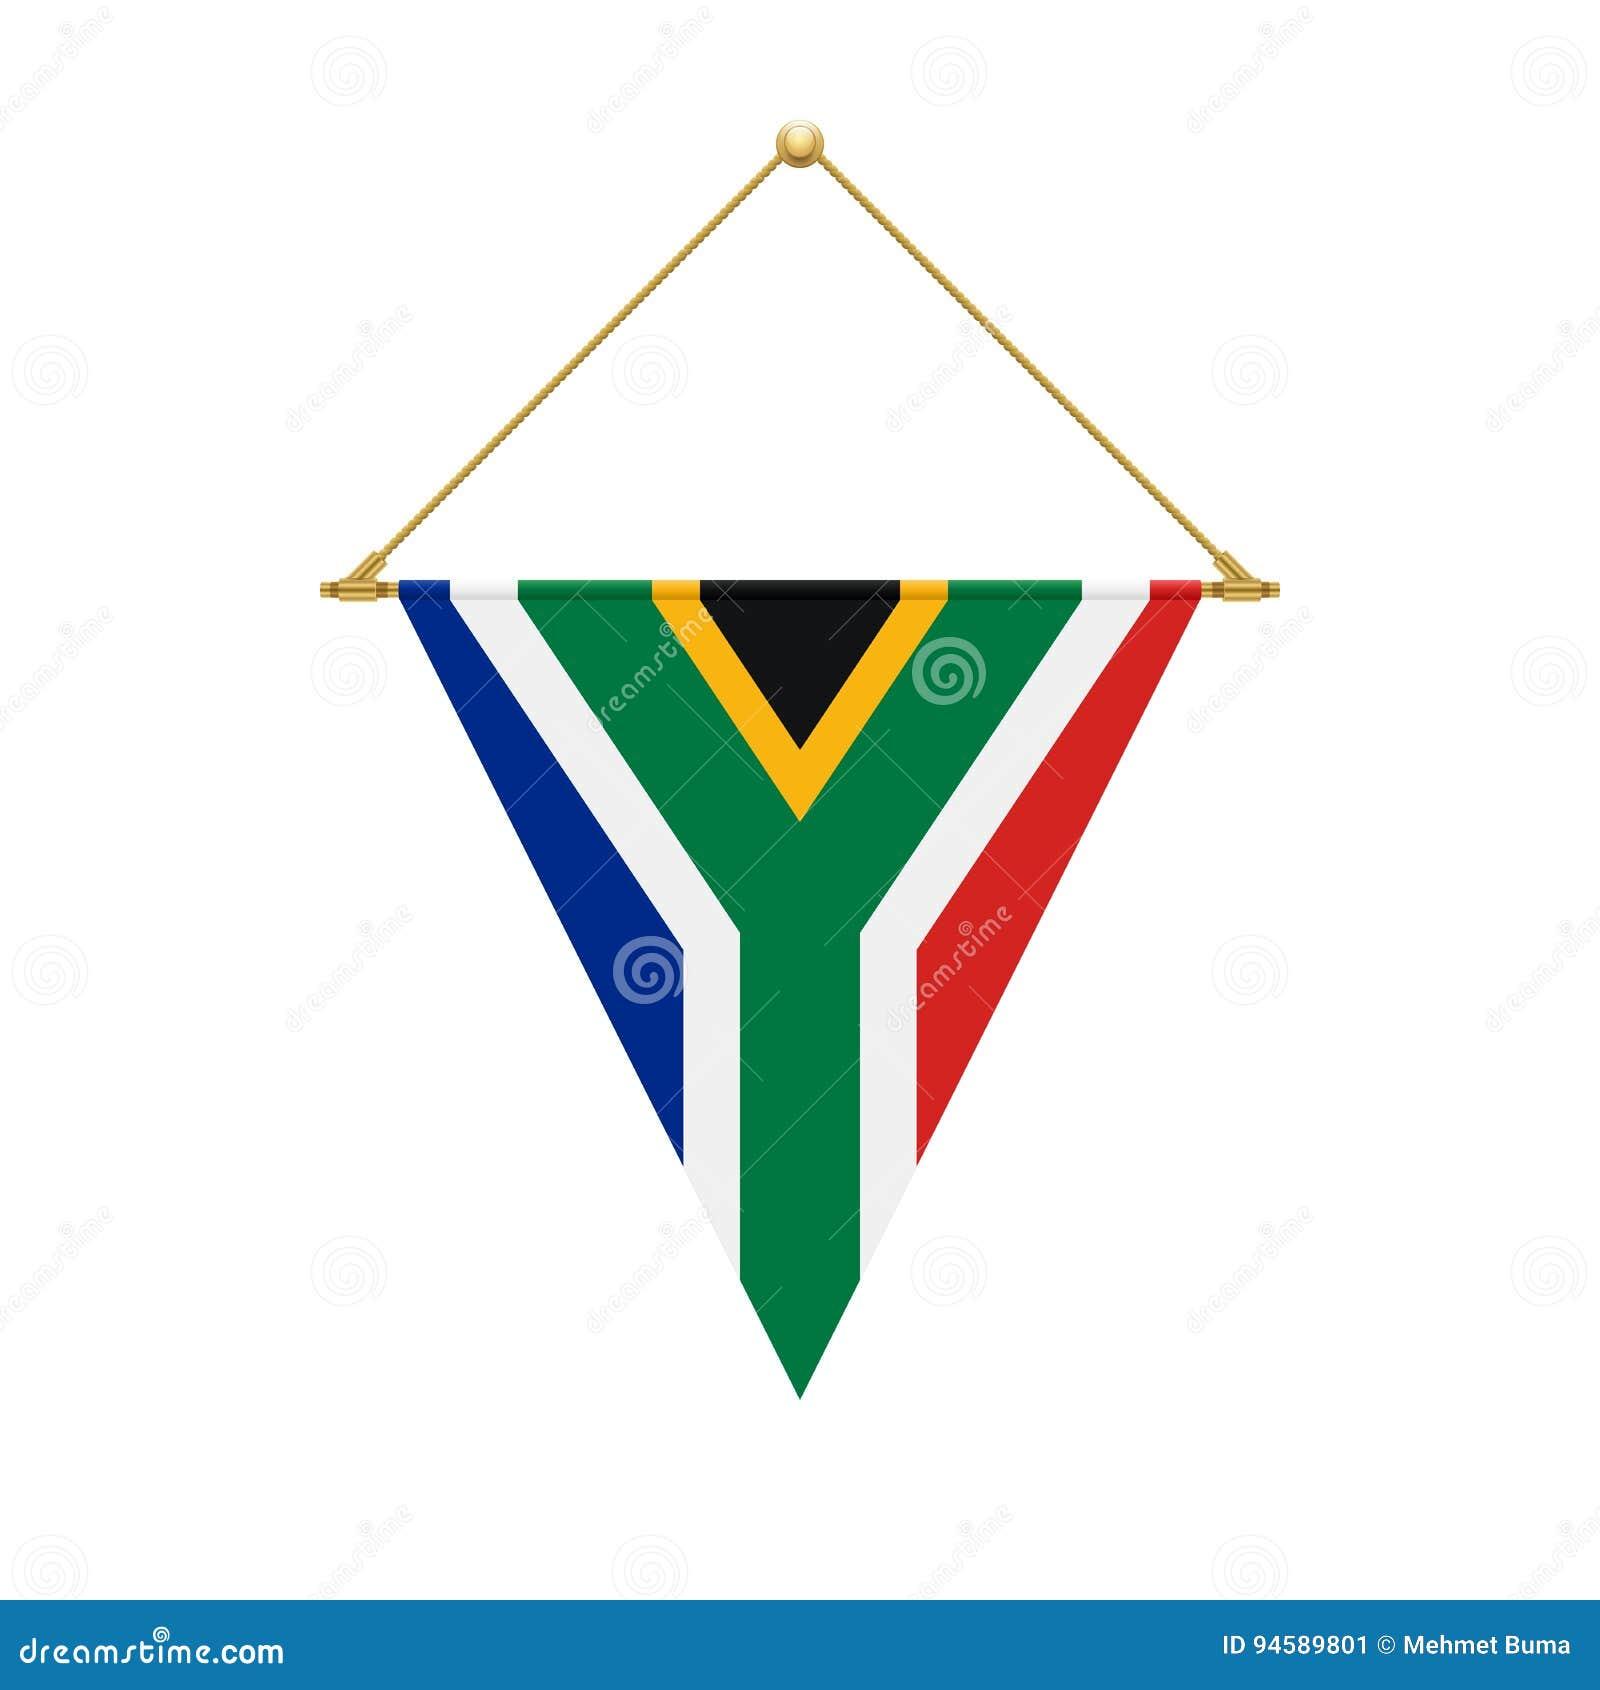 south african flag template virtren com